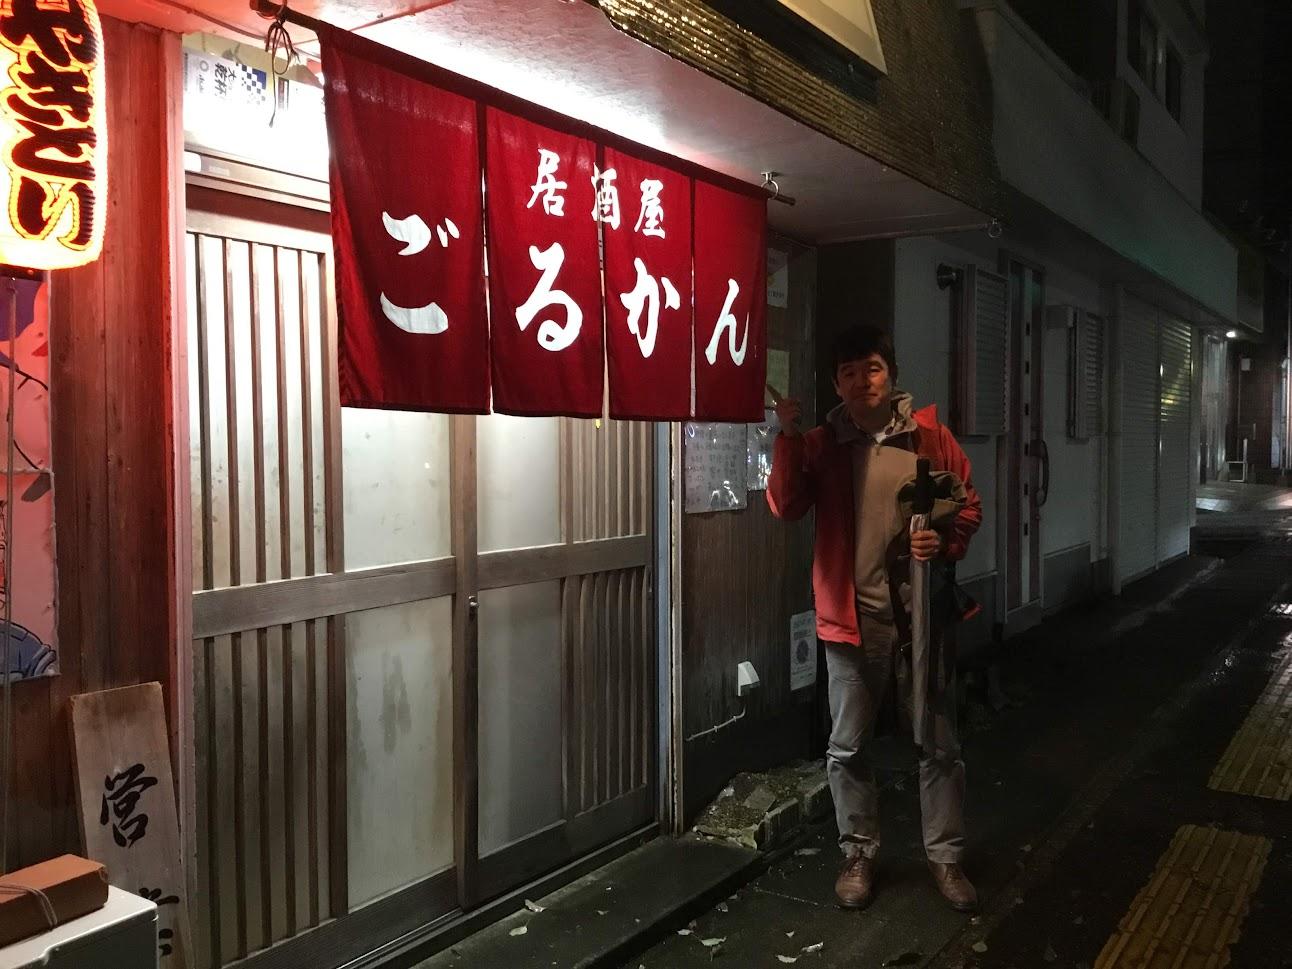 居酒屋ごるかん。宮崎市内一コスパの良い居酒屋かも